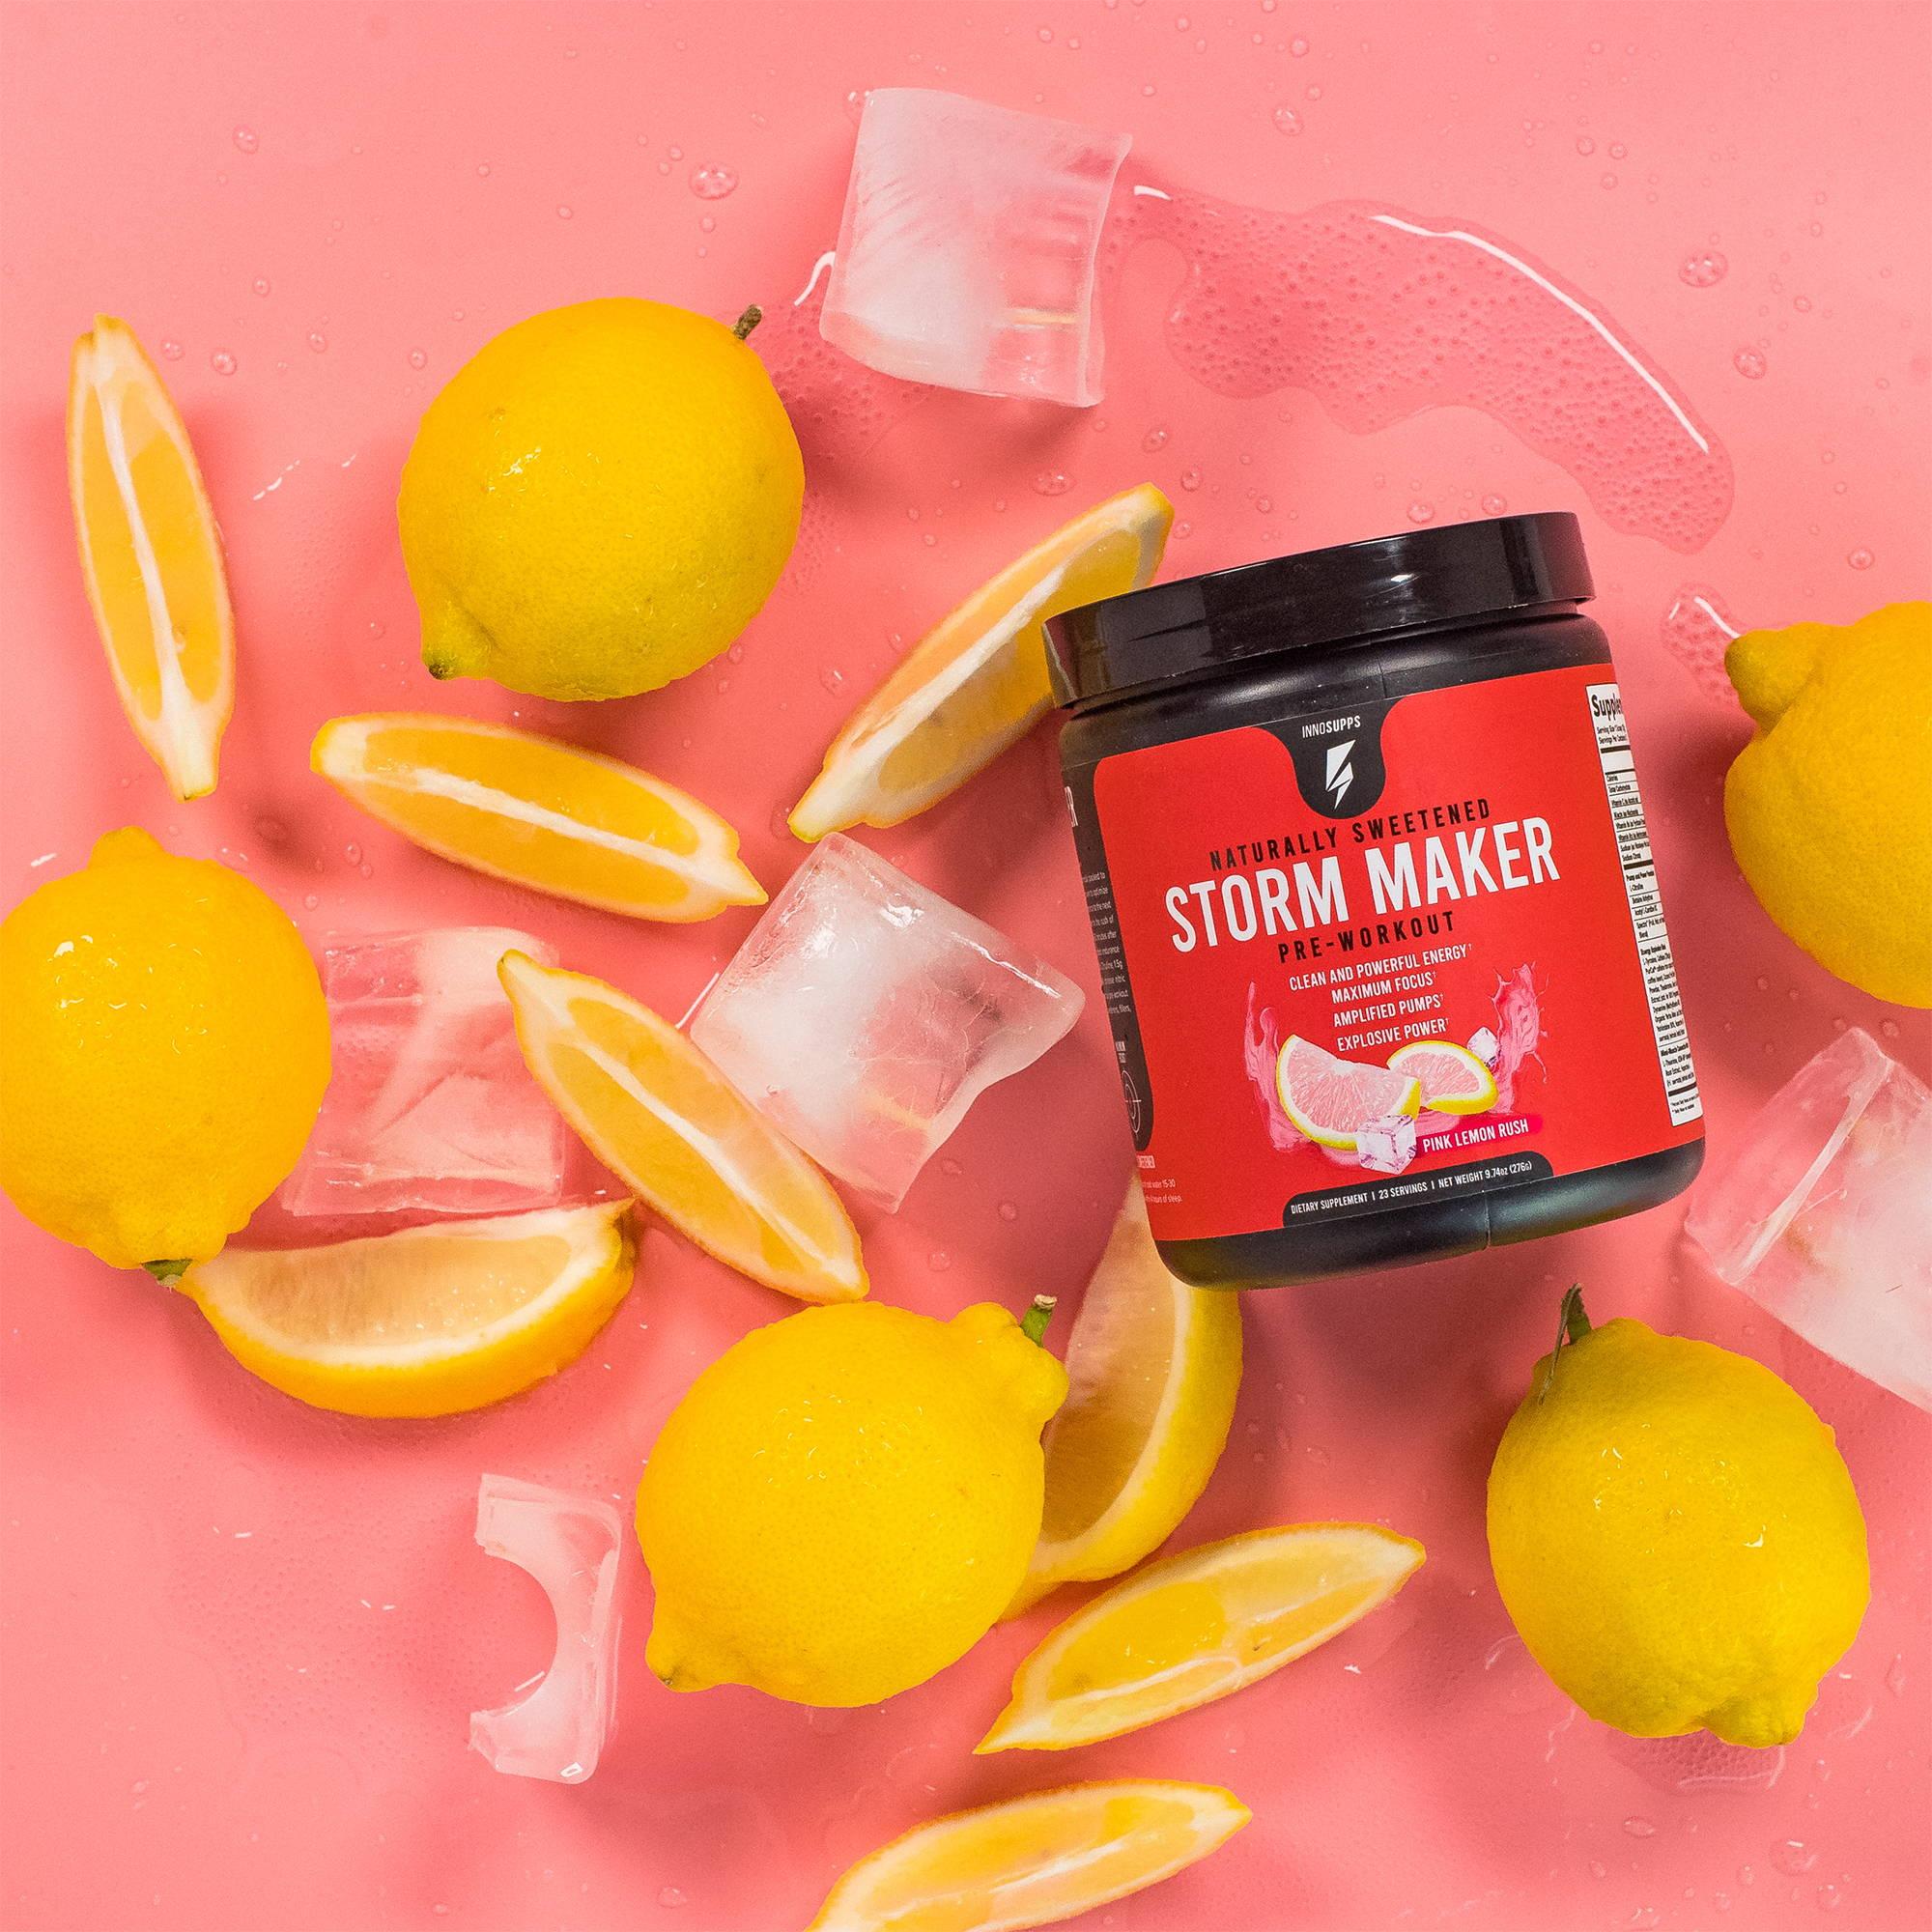 Storm Maker